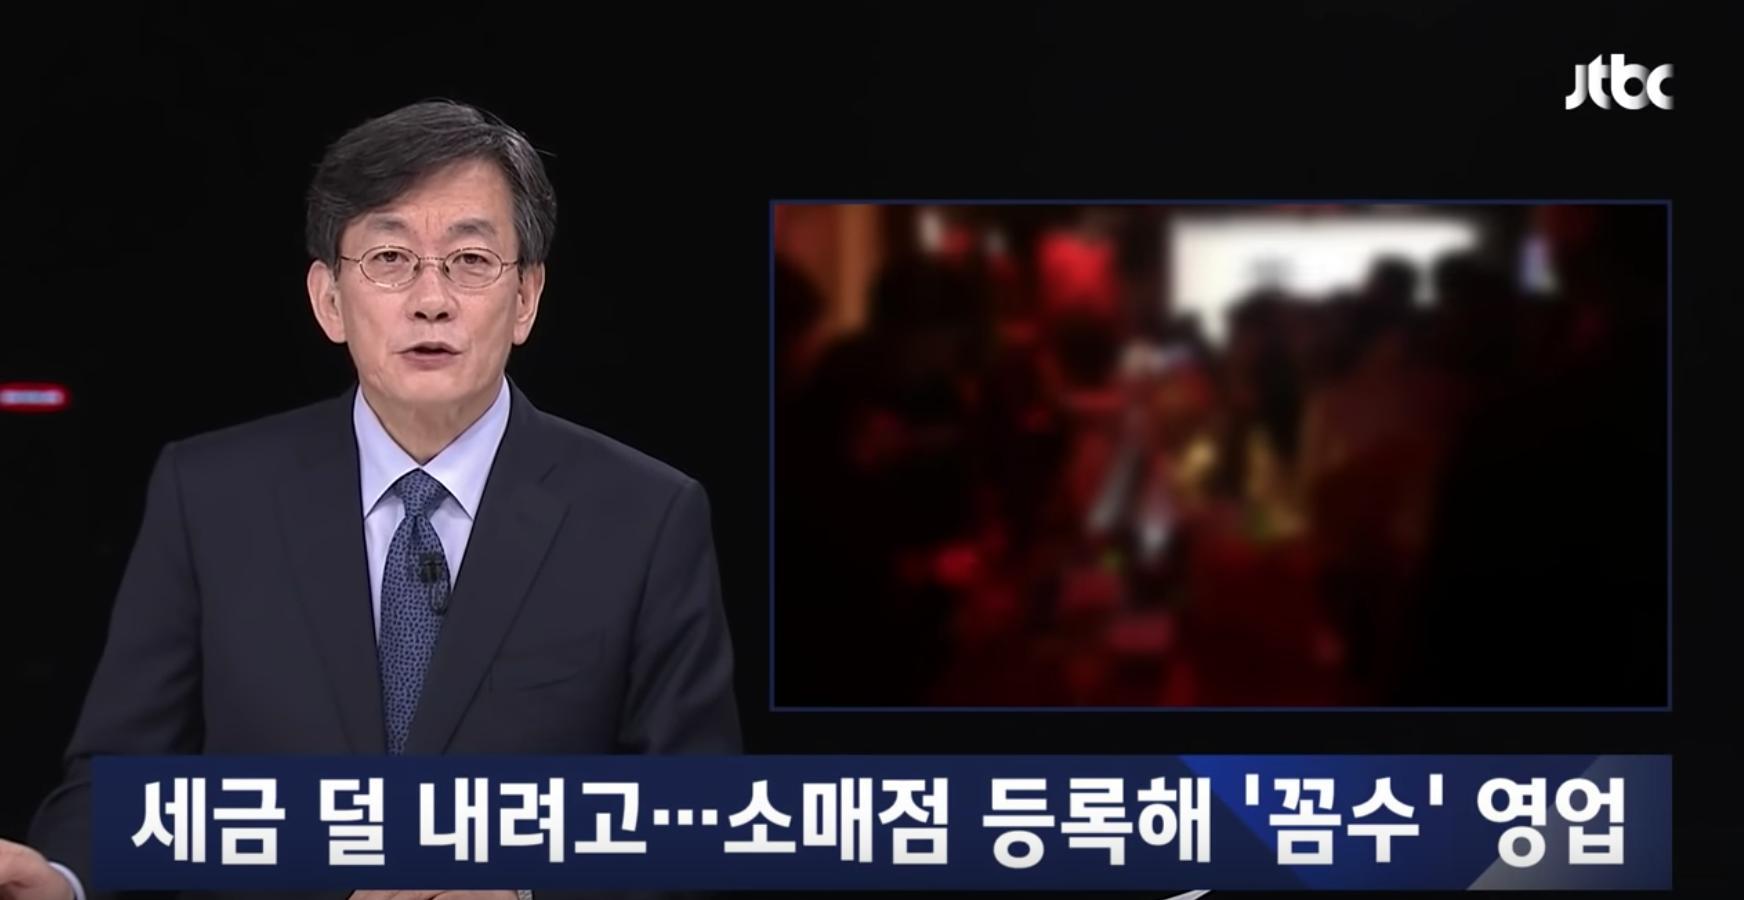 jTBC điều tra về các quán bar tại Gangnam lách luật trốn thuế mà trong đó có quán bar mà Seungri từng điều hành